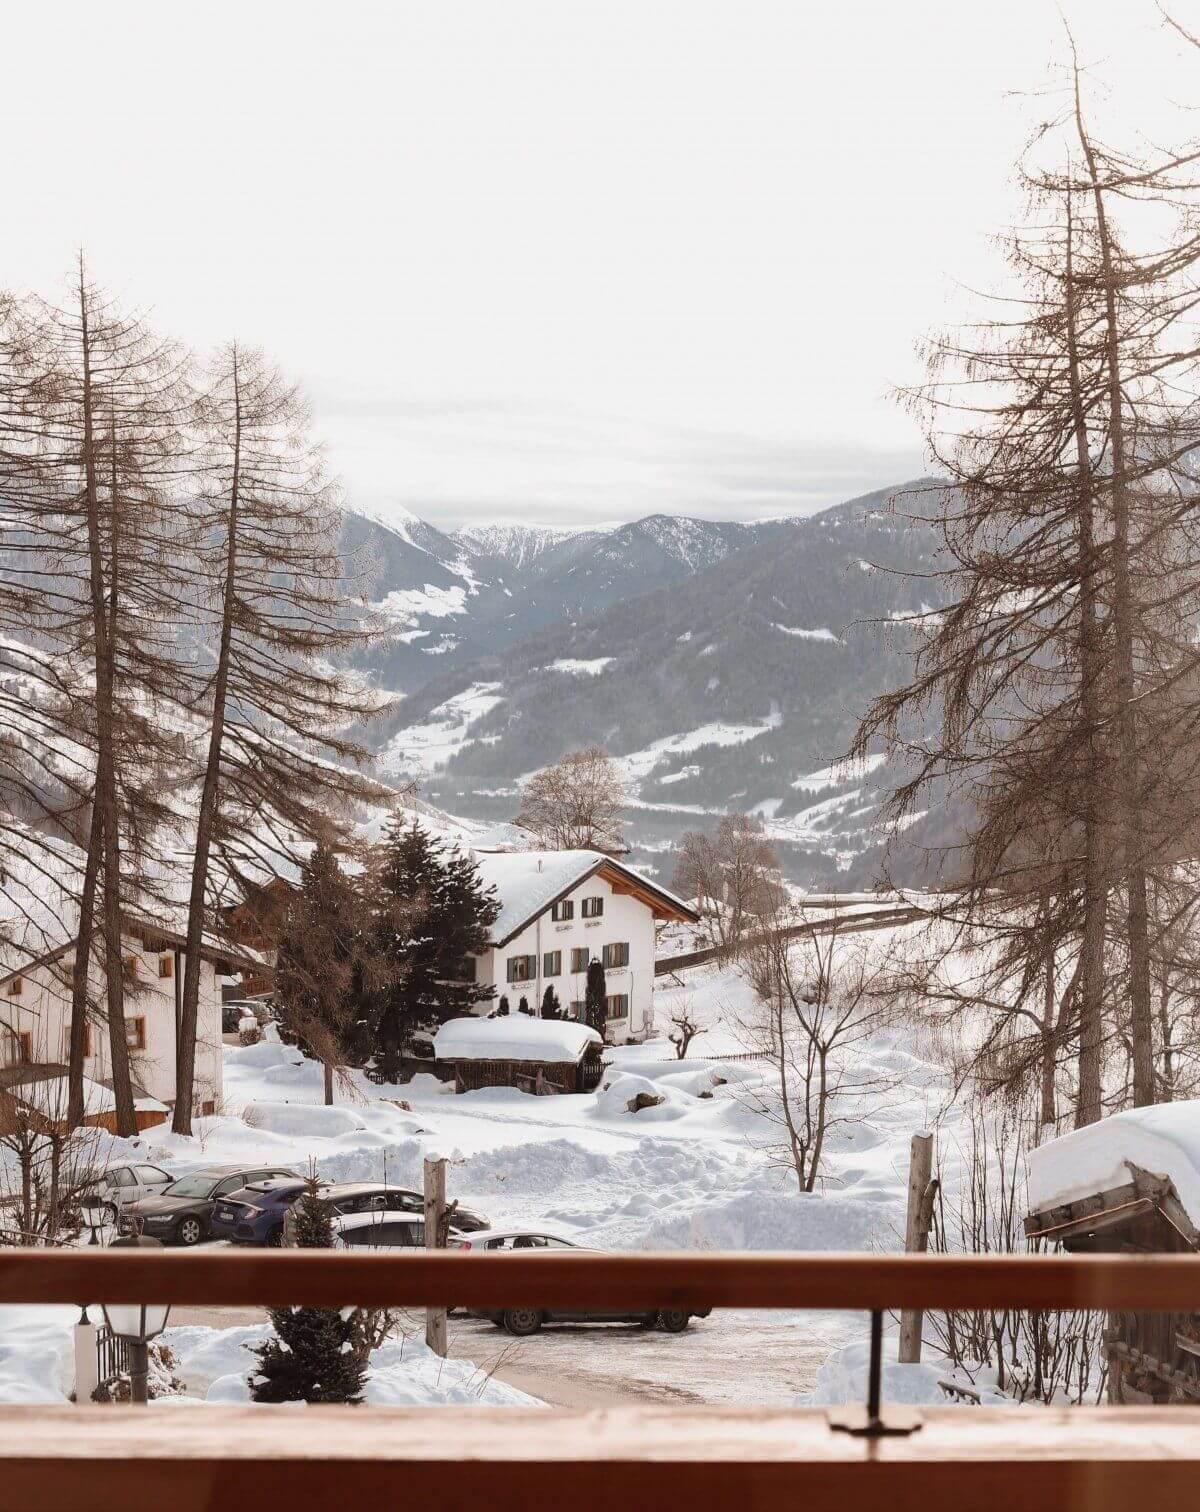 Vakantie in Zuid-Tirol in Italië – 5 leuke dingen die je hier in de winter kunt doen